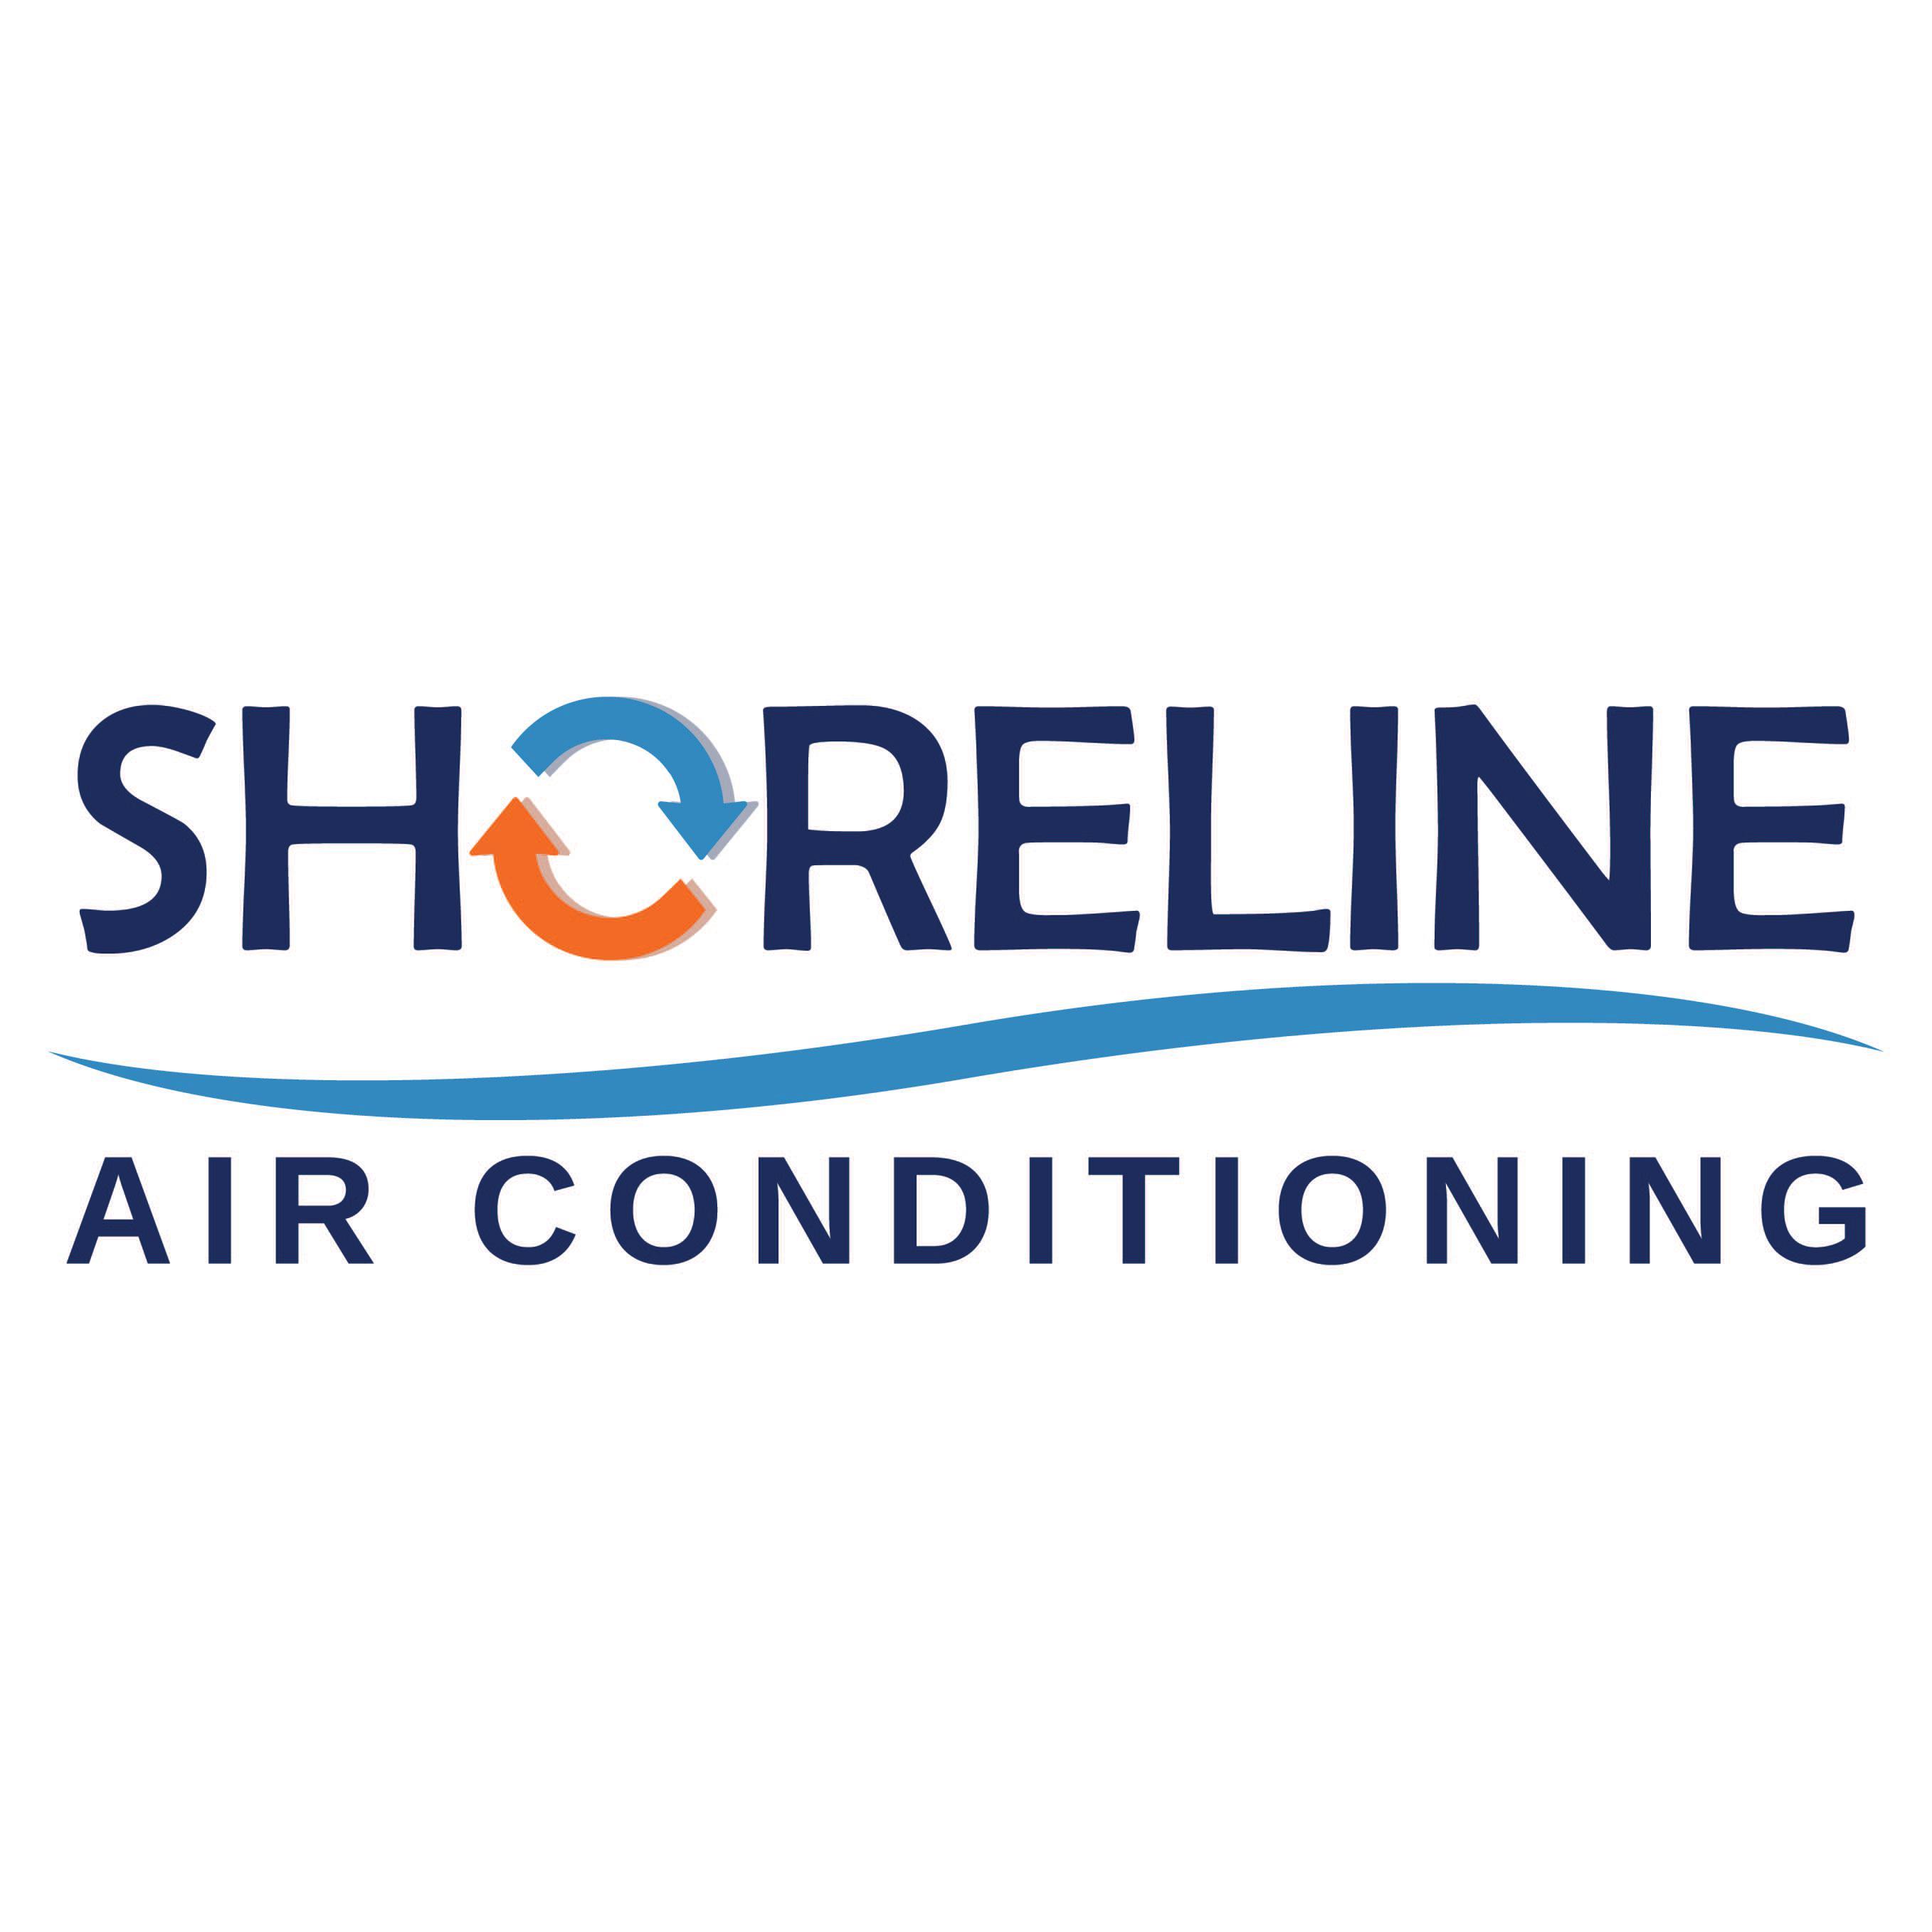 Shoreline Air Conditioning - West Palm Beach, FL 33411 - (561)202-9191 | ShowMeLocal.com